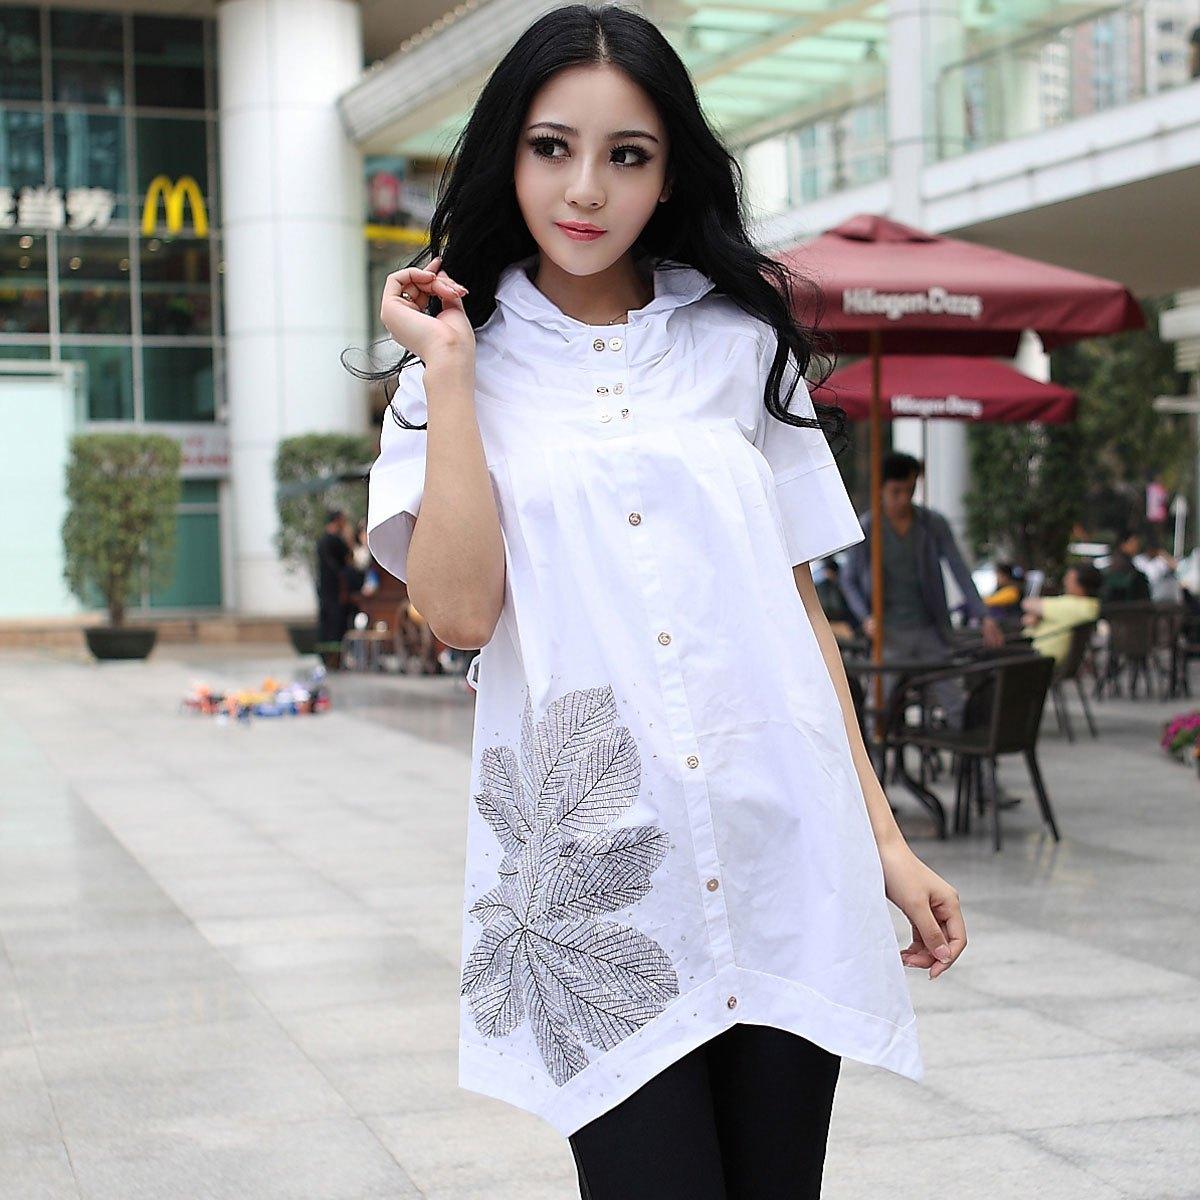 женская рубашка ToLady Y02/2dad Городской стиль Короткий рукав Однотонный цвет Воротник-стойка